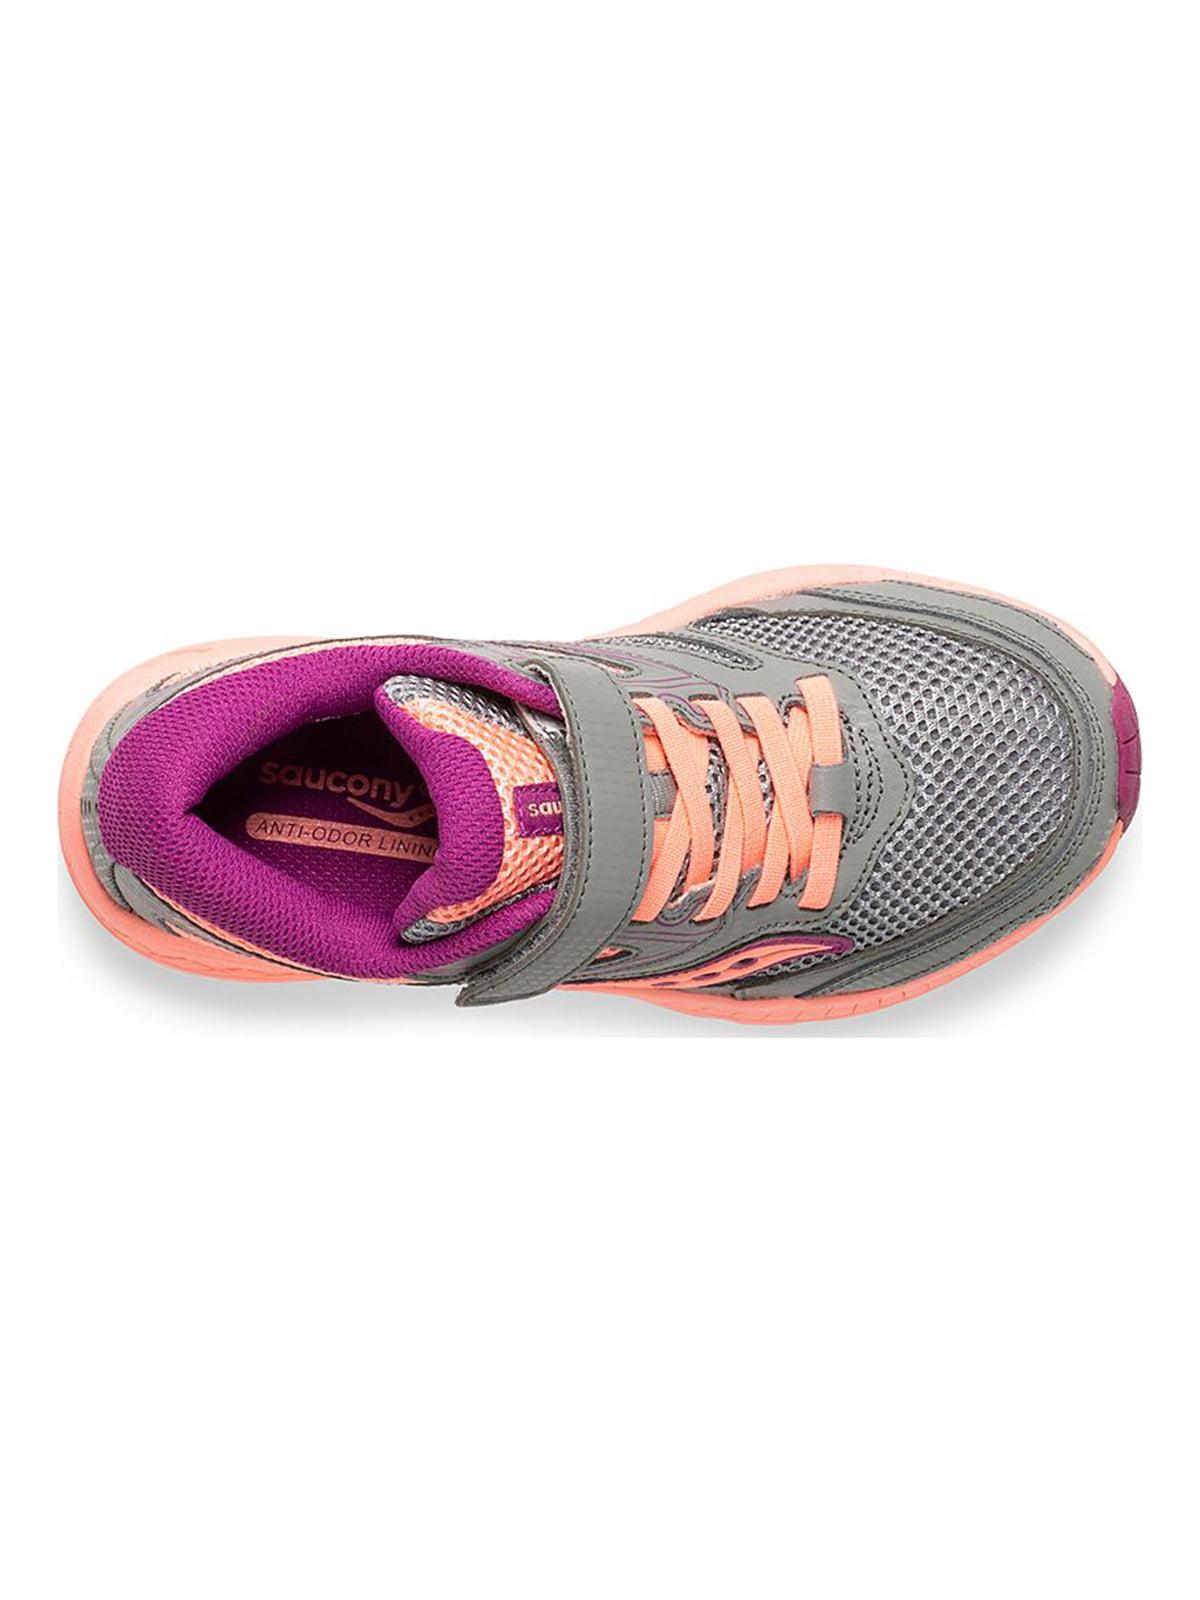 Кросівки сіро-коралові Cohesion 12 | 4920797 | фото 5